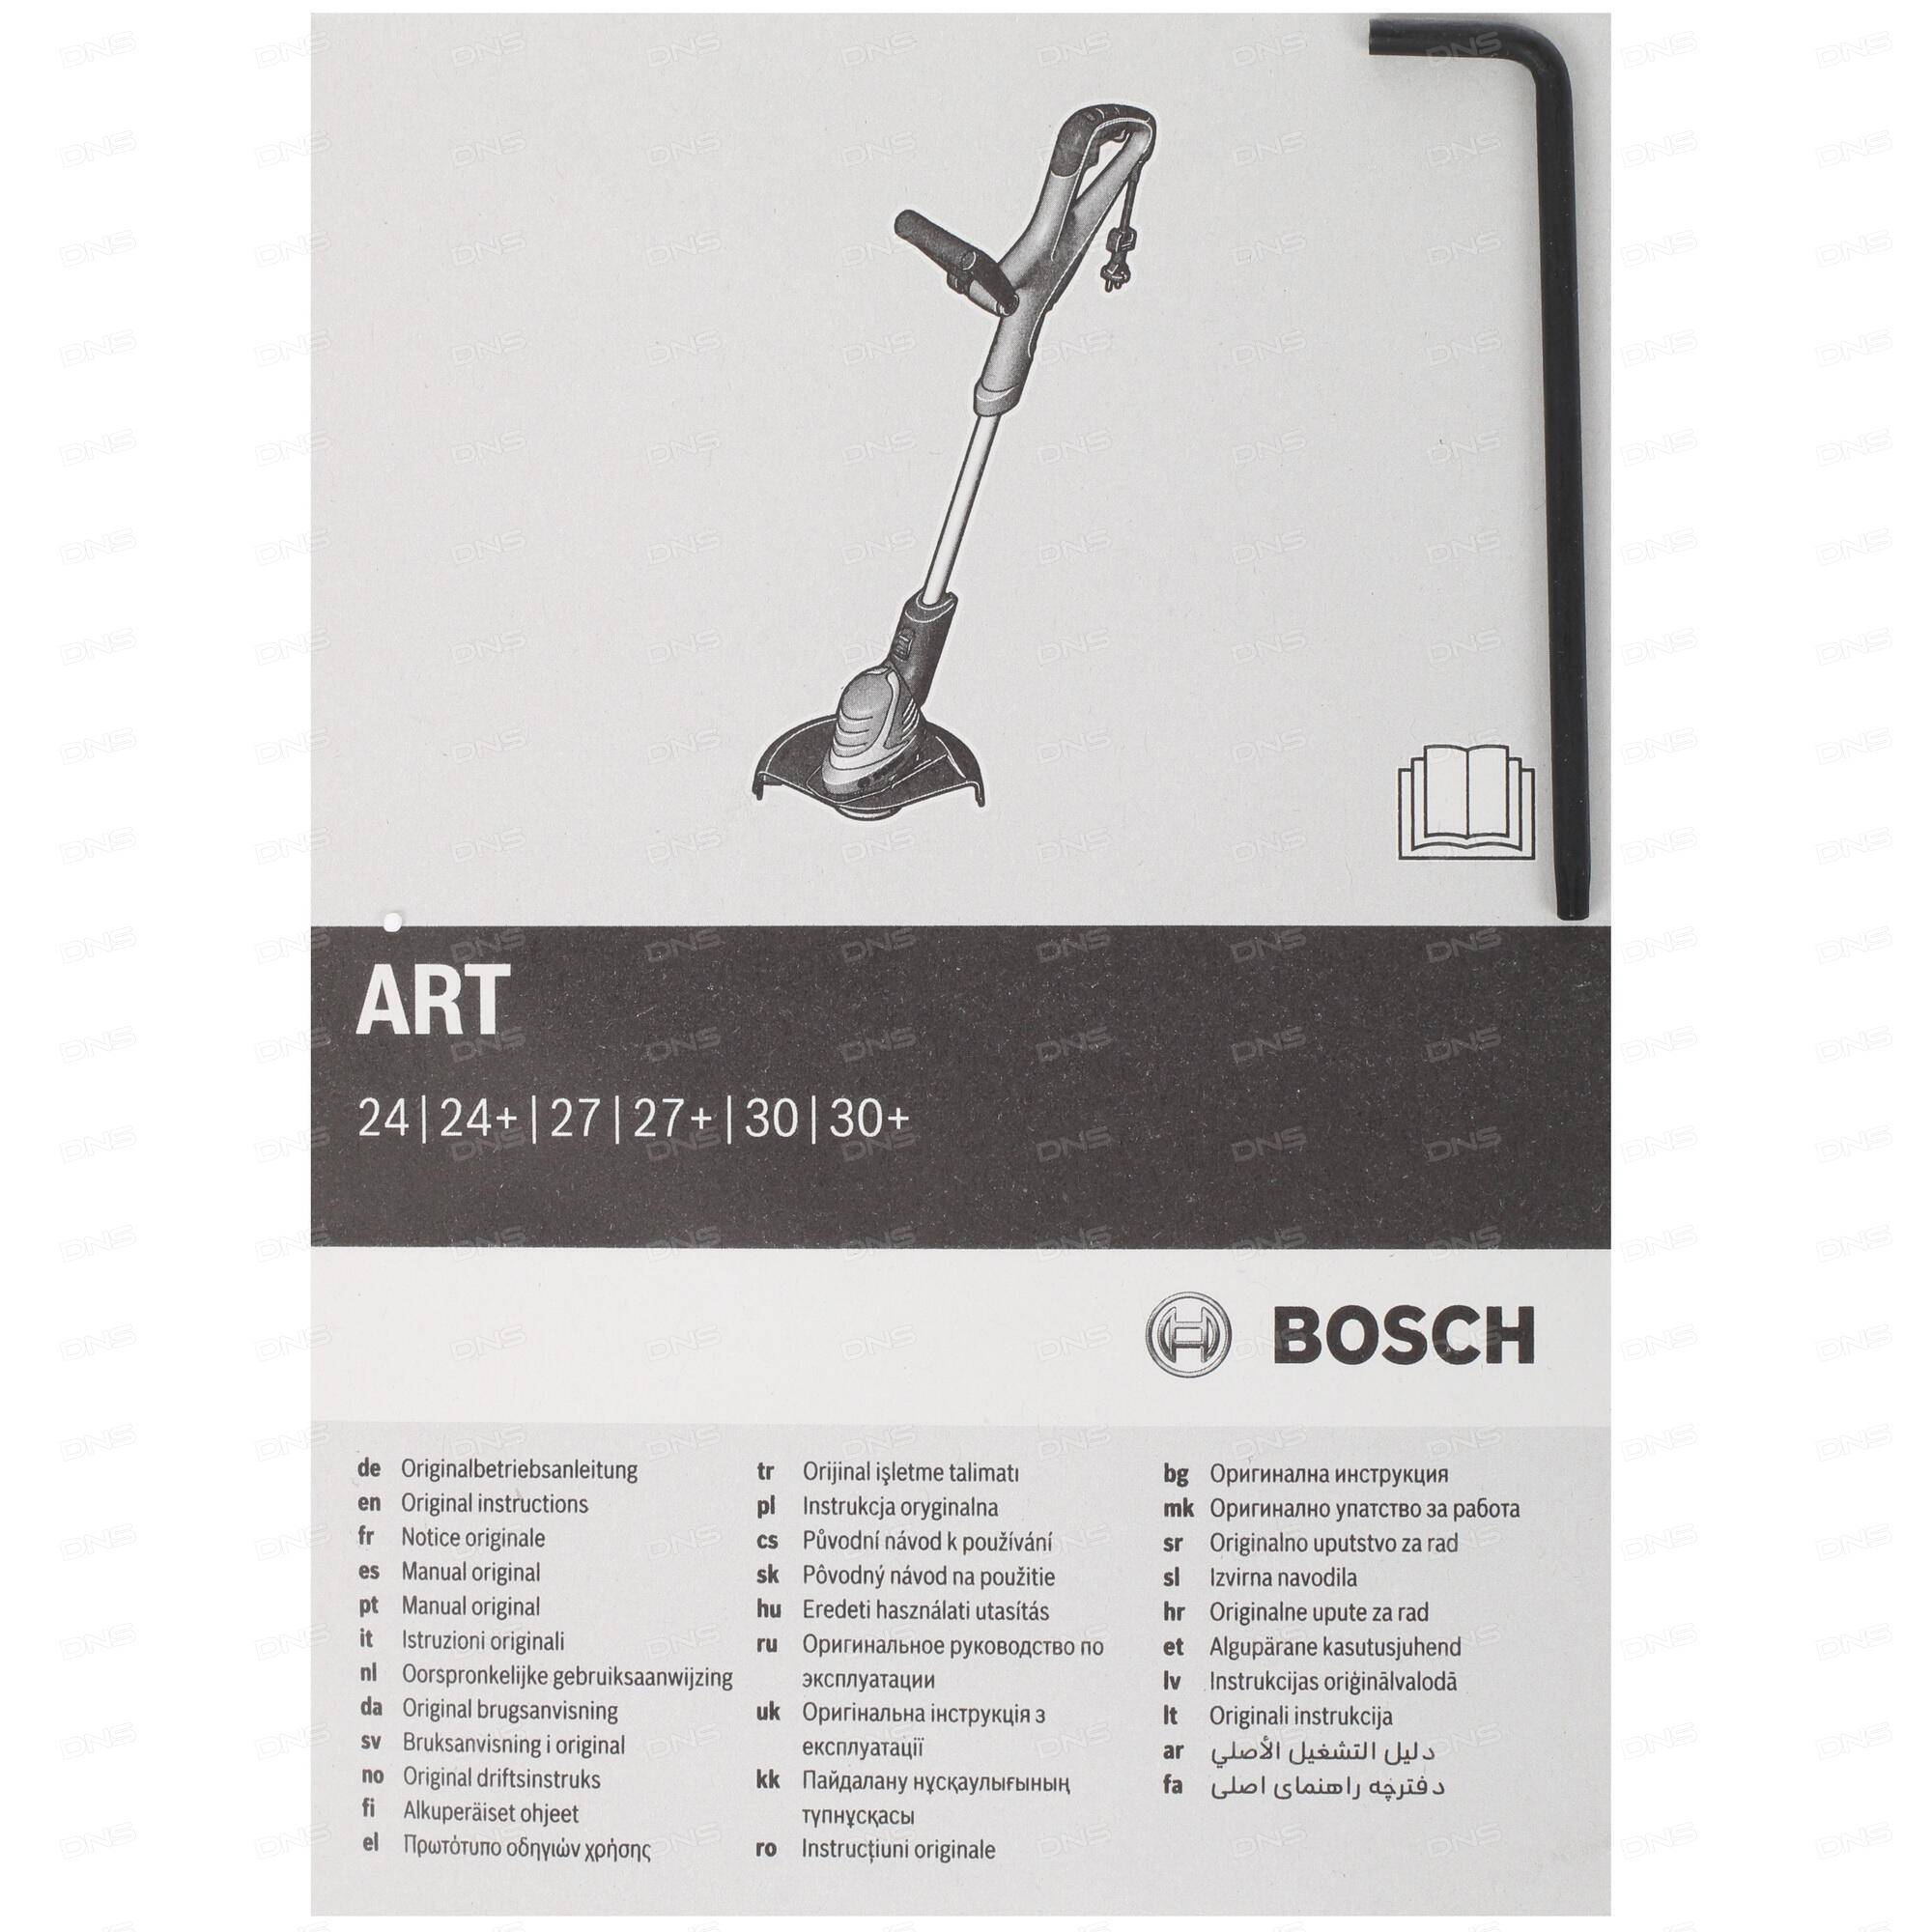 триммер Bosch Art 27